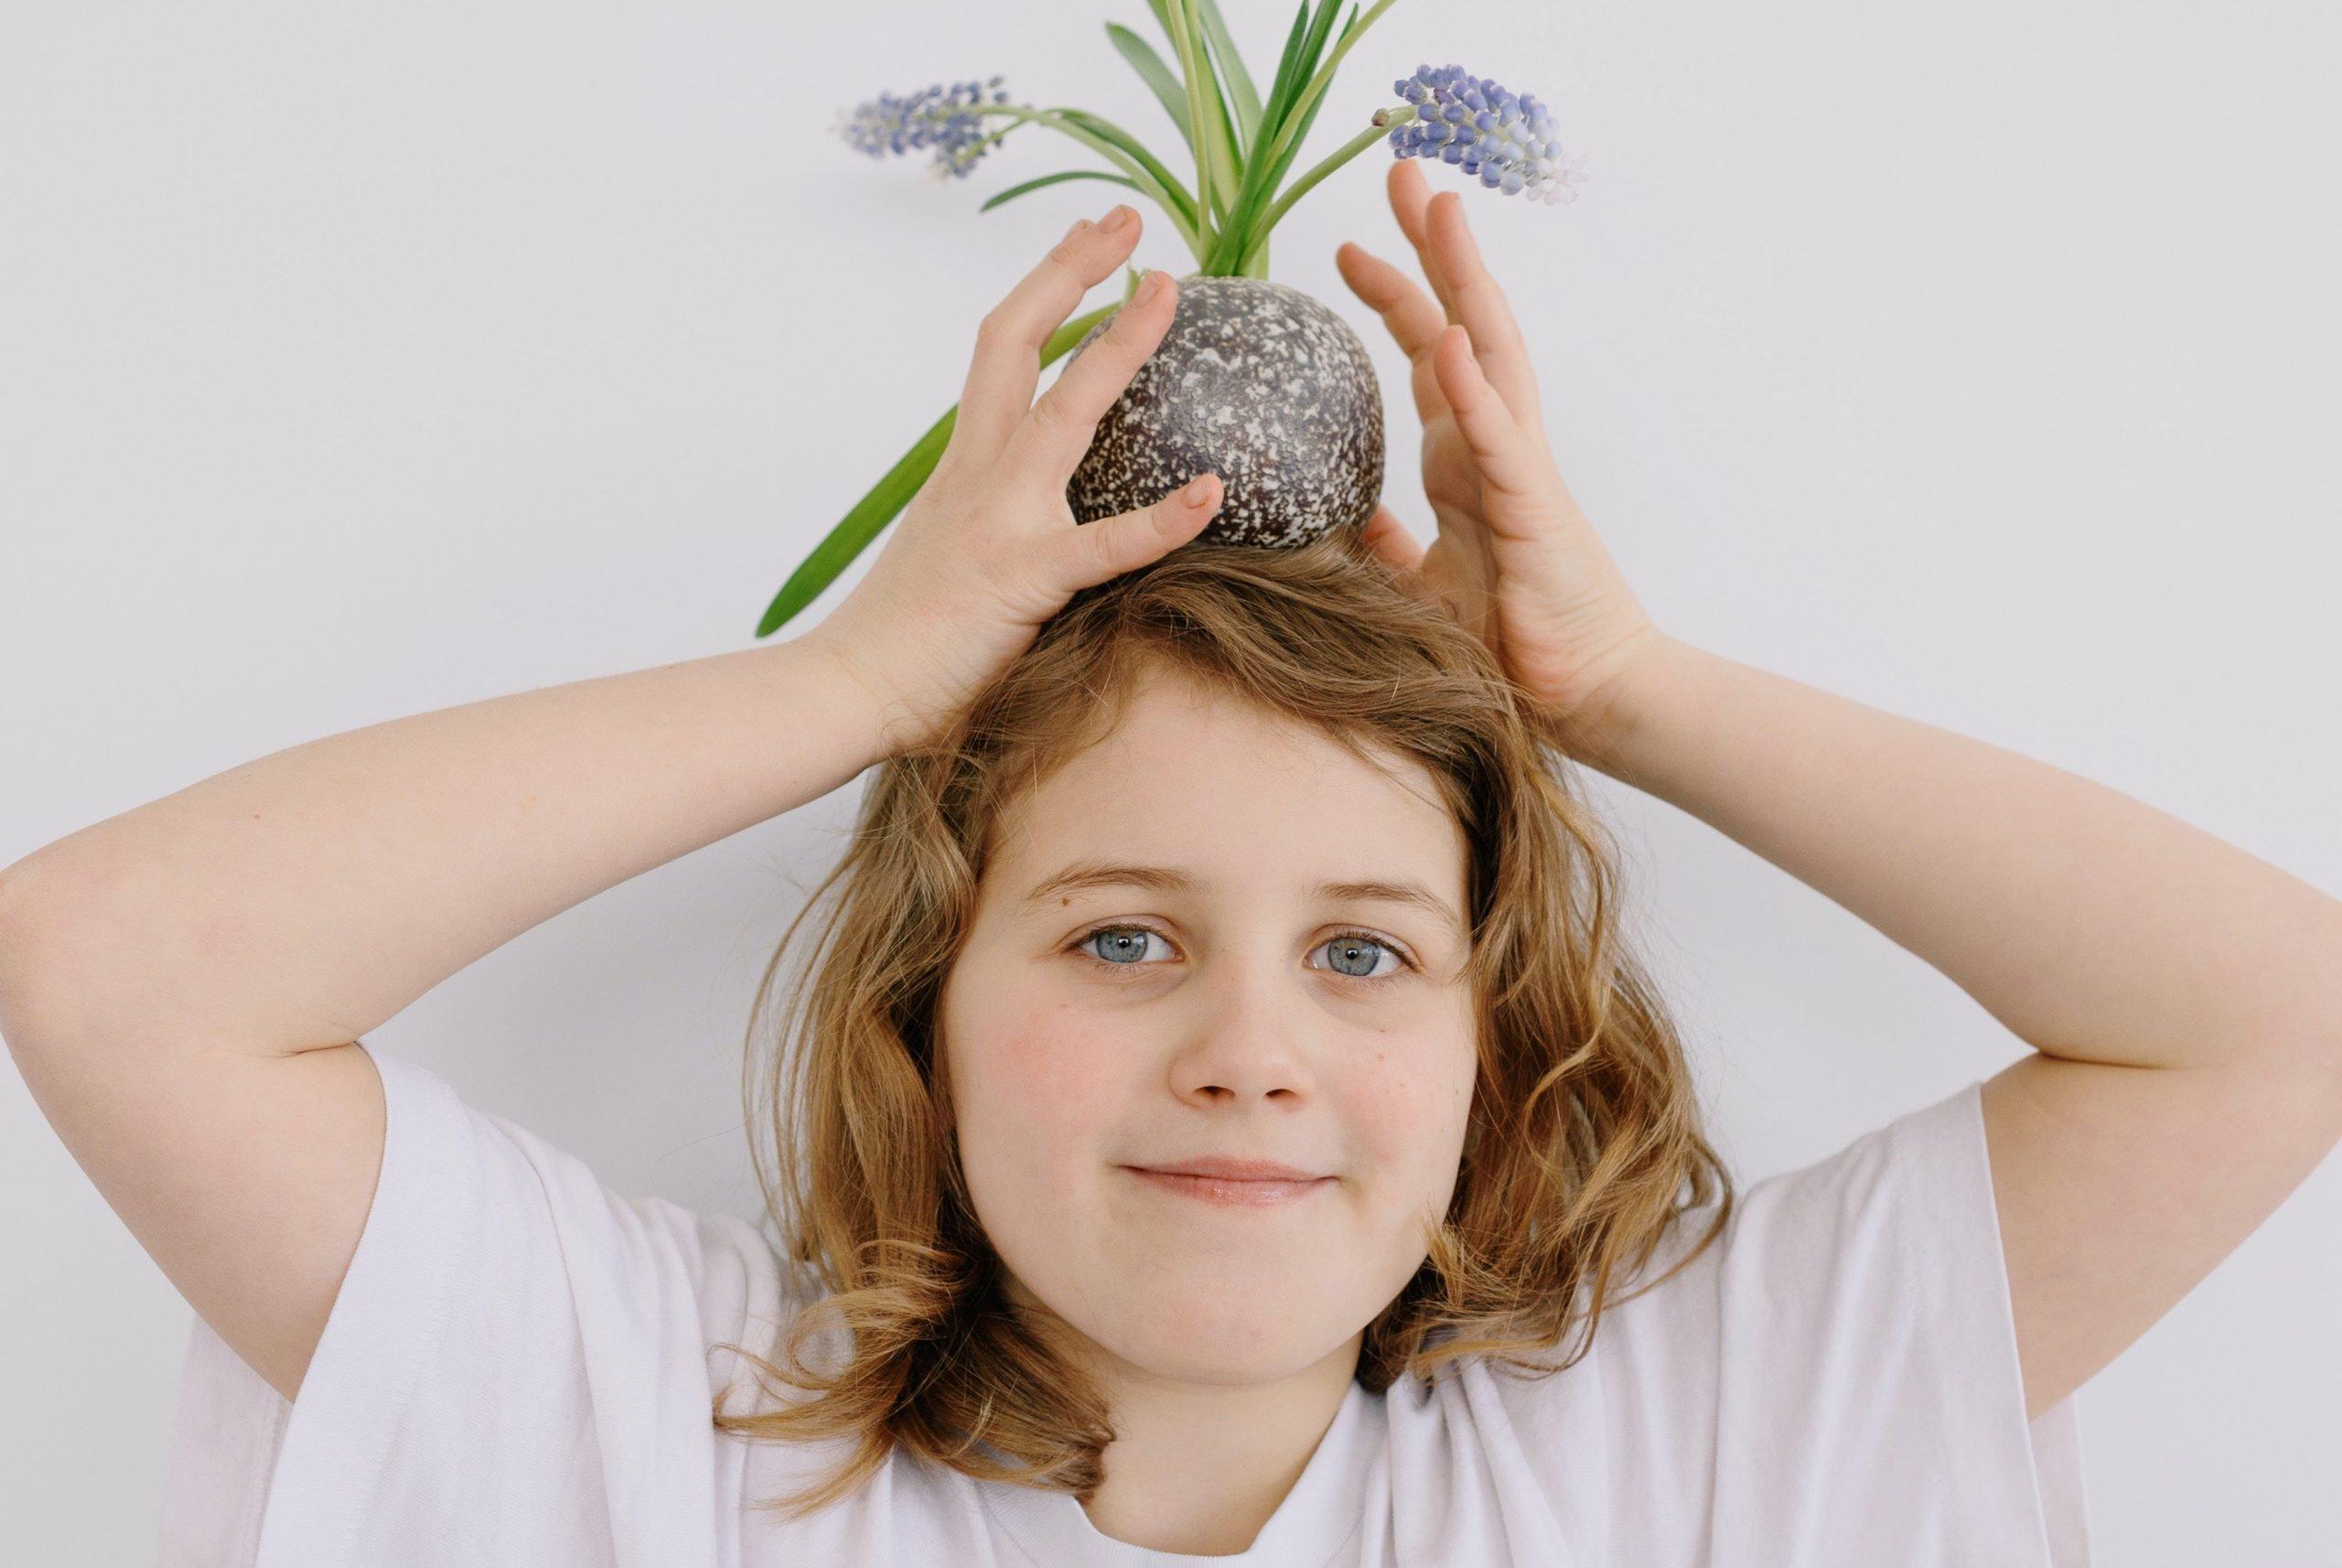 flowerpot on head